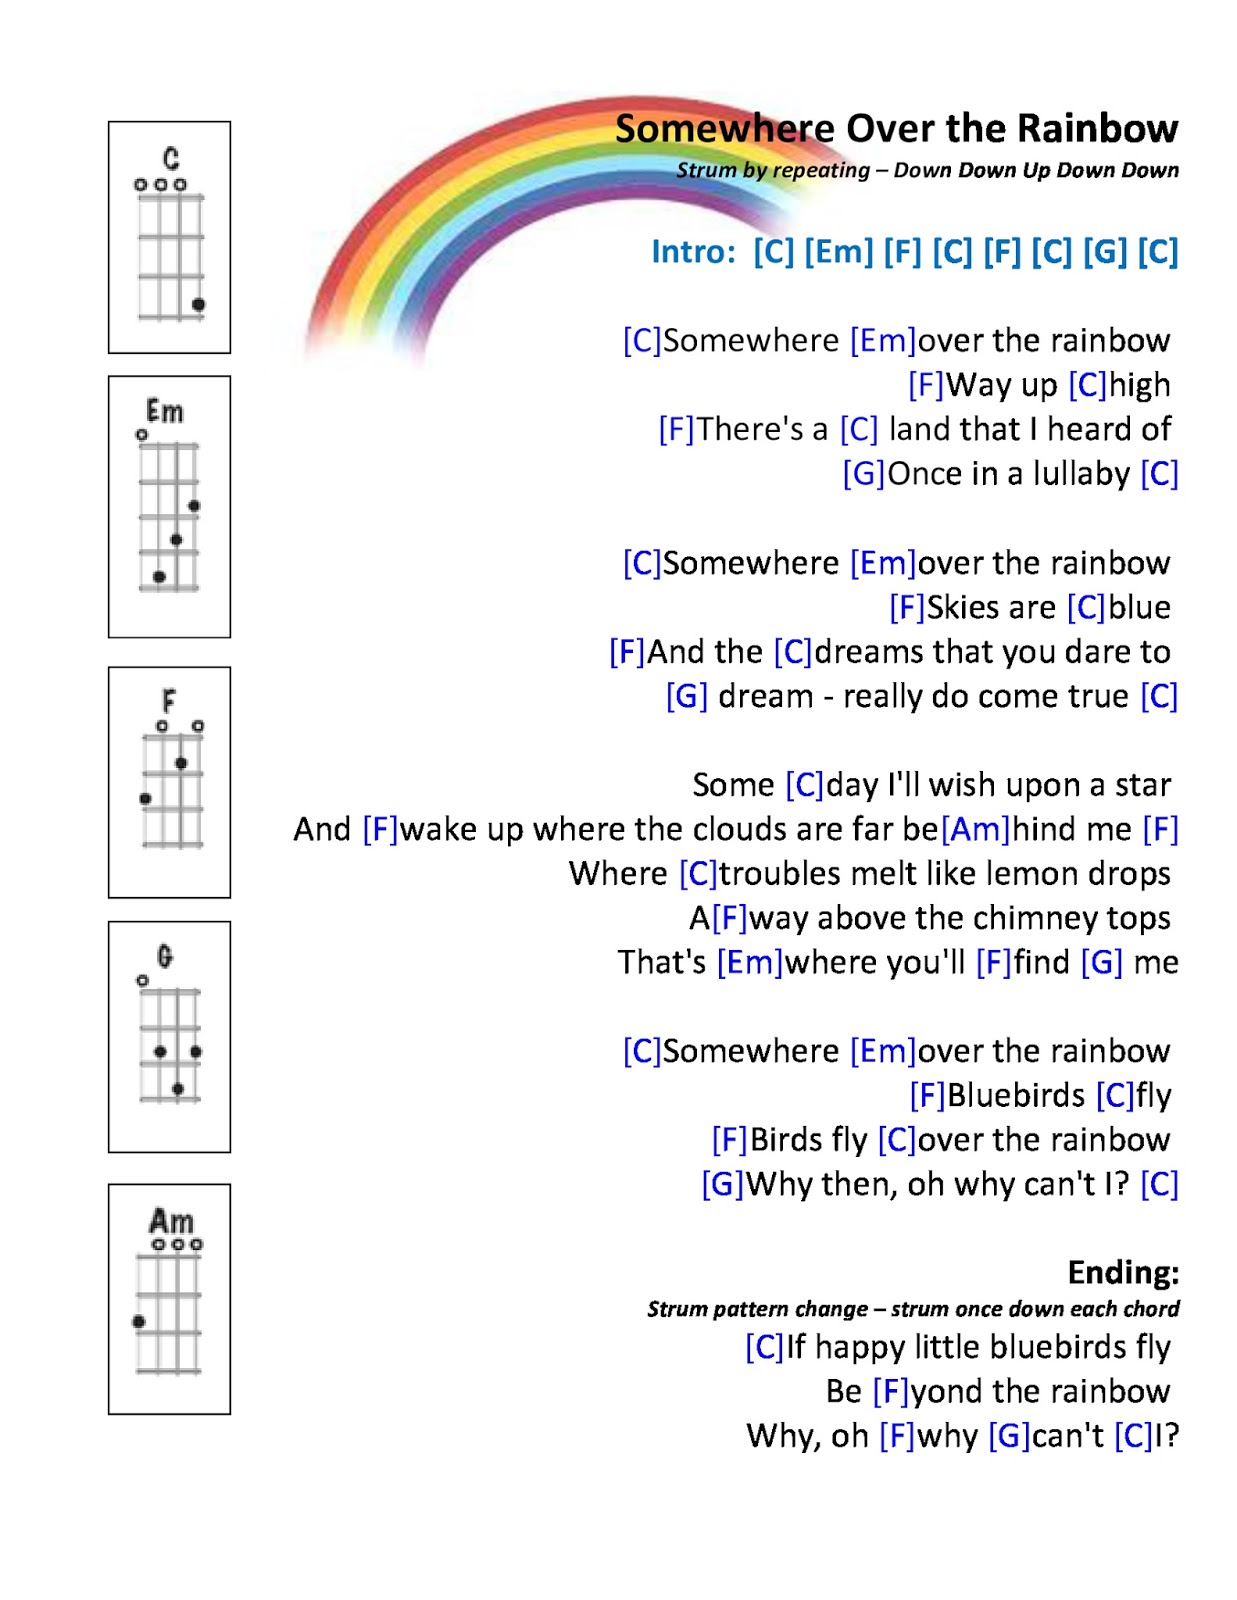 Maroon5 sunday morning ukulele tab ukulele from httpbancsomewhere over the rainbow idaho uke playalong hexwebz Images